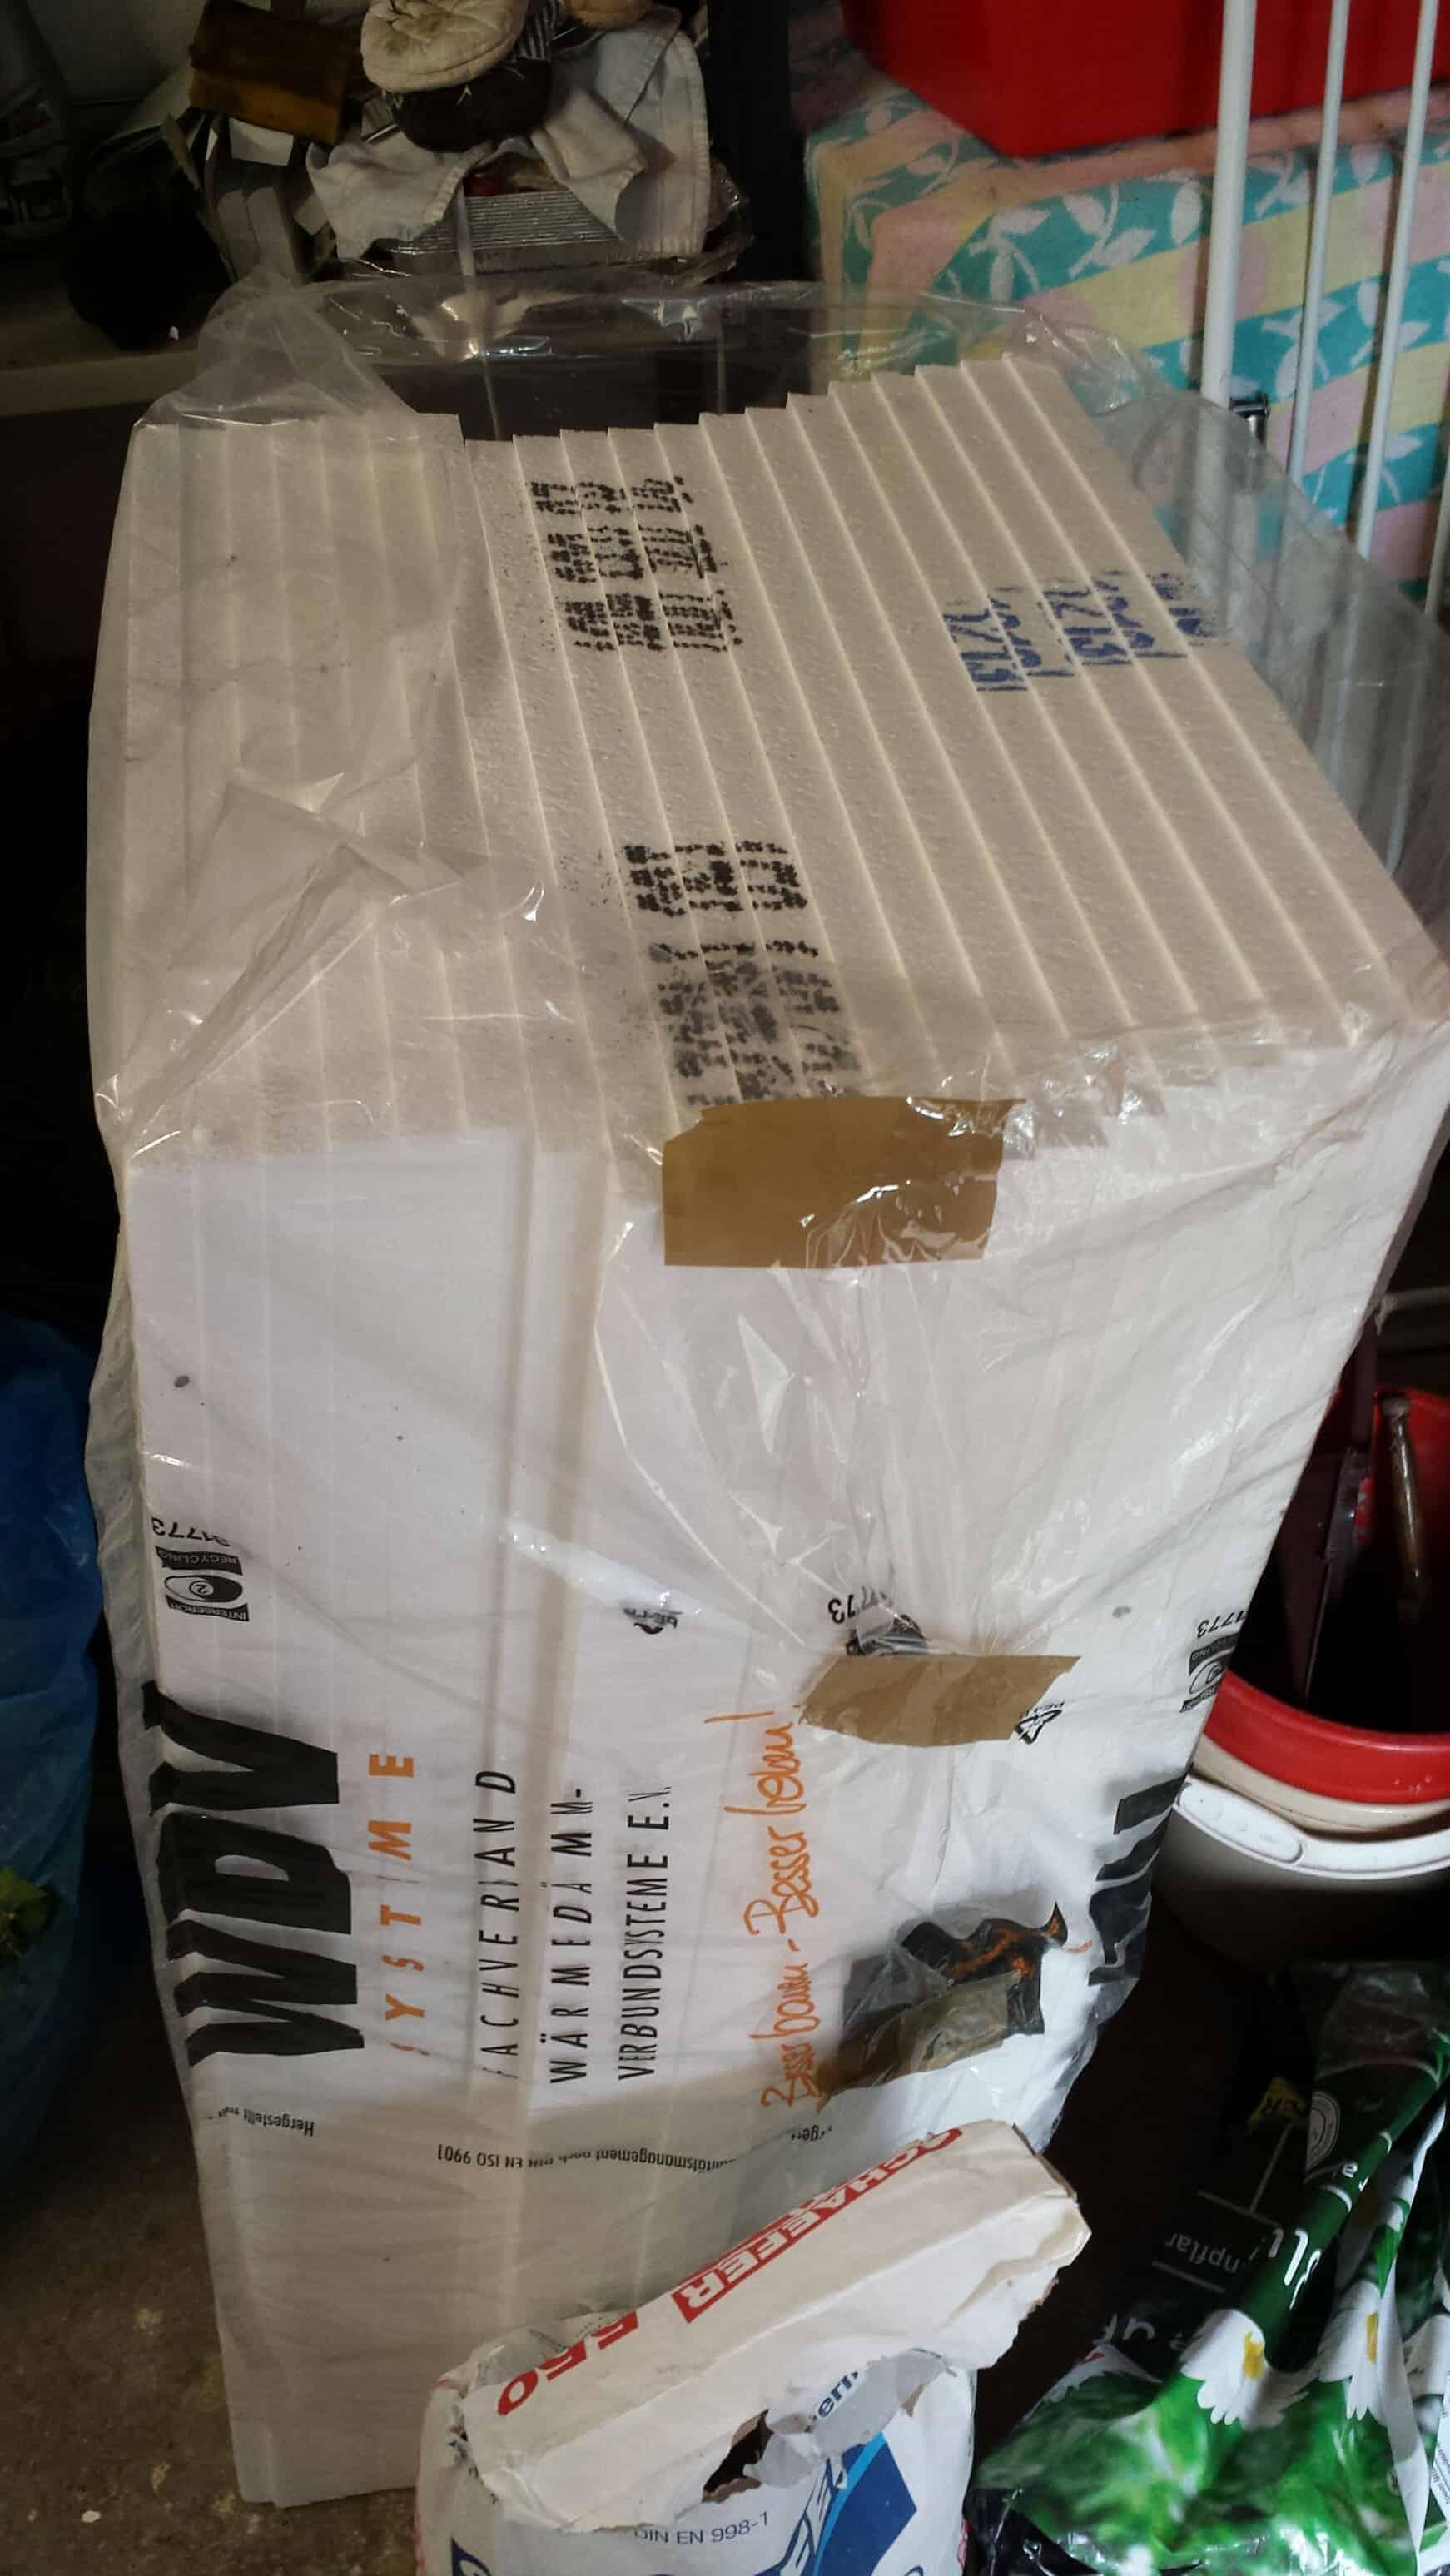 styropor platten 20st ck 100x90x2cm g nstig kaufen im baustoffhandel von restado gebraucht und. Black Bedroom Furniture Sets. Home Design Ideas